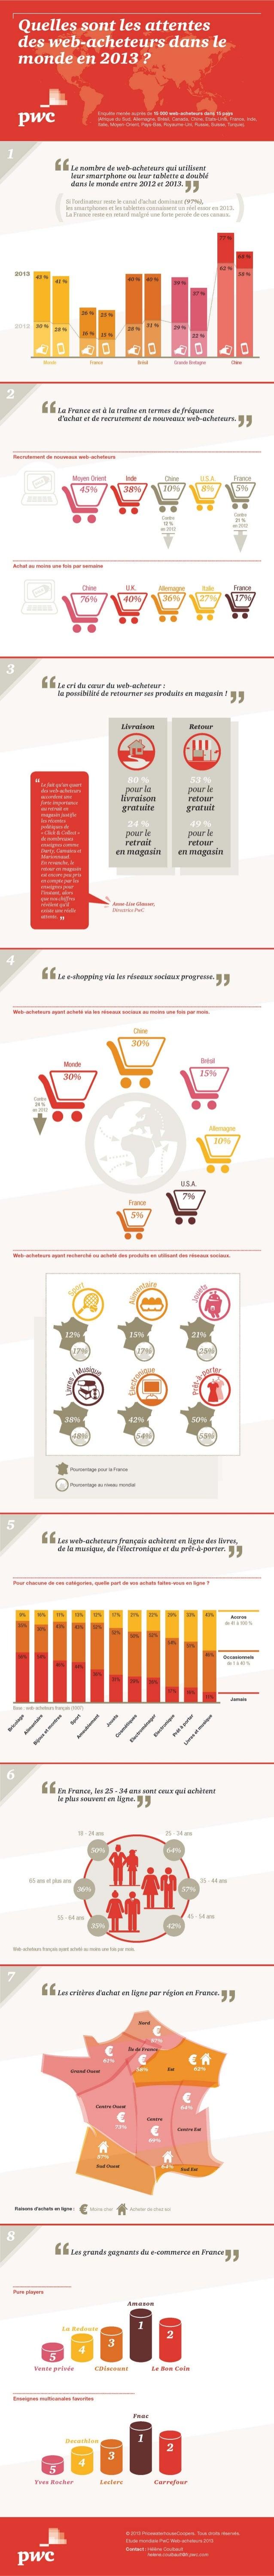 Quelles sont les attentes des web-acheteurs dans le monde en 2013 ?